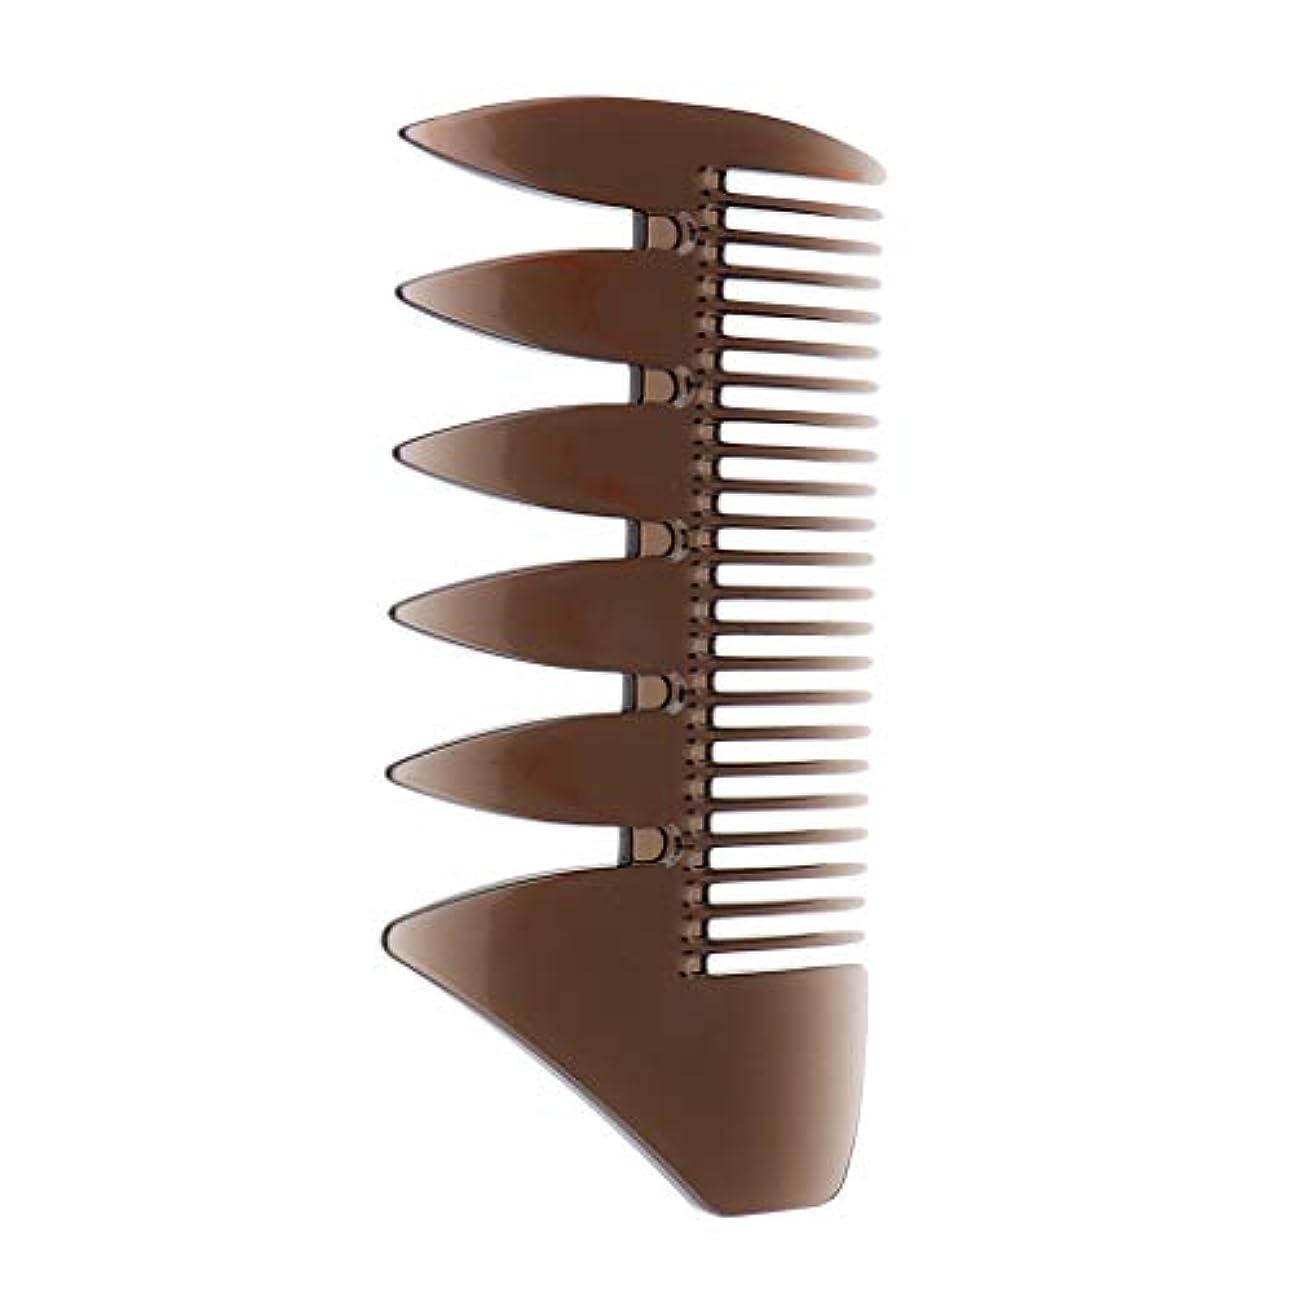 広くラテンファイルToygogo ヘアダイコーム ヘアブラシ 櫛 セクショニング ヘアケア 櫛 ハイライトコーム 静電気防止 耐熱